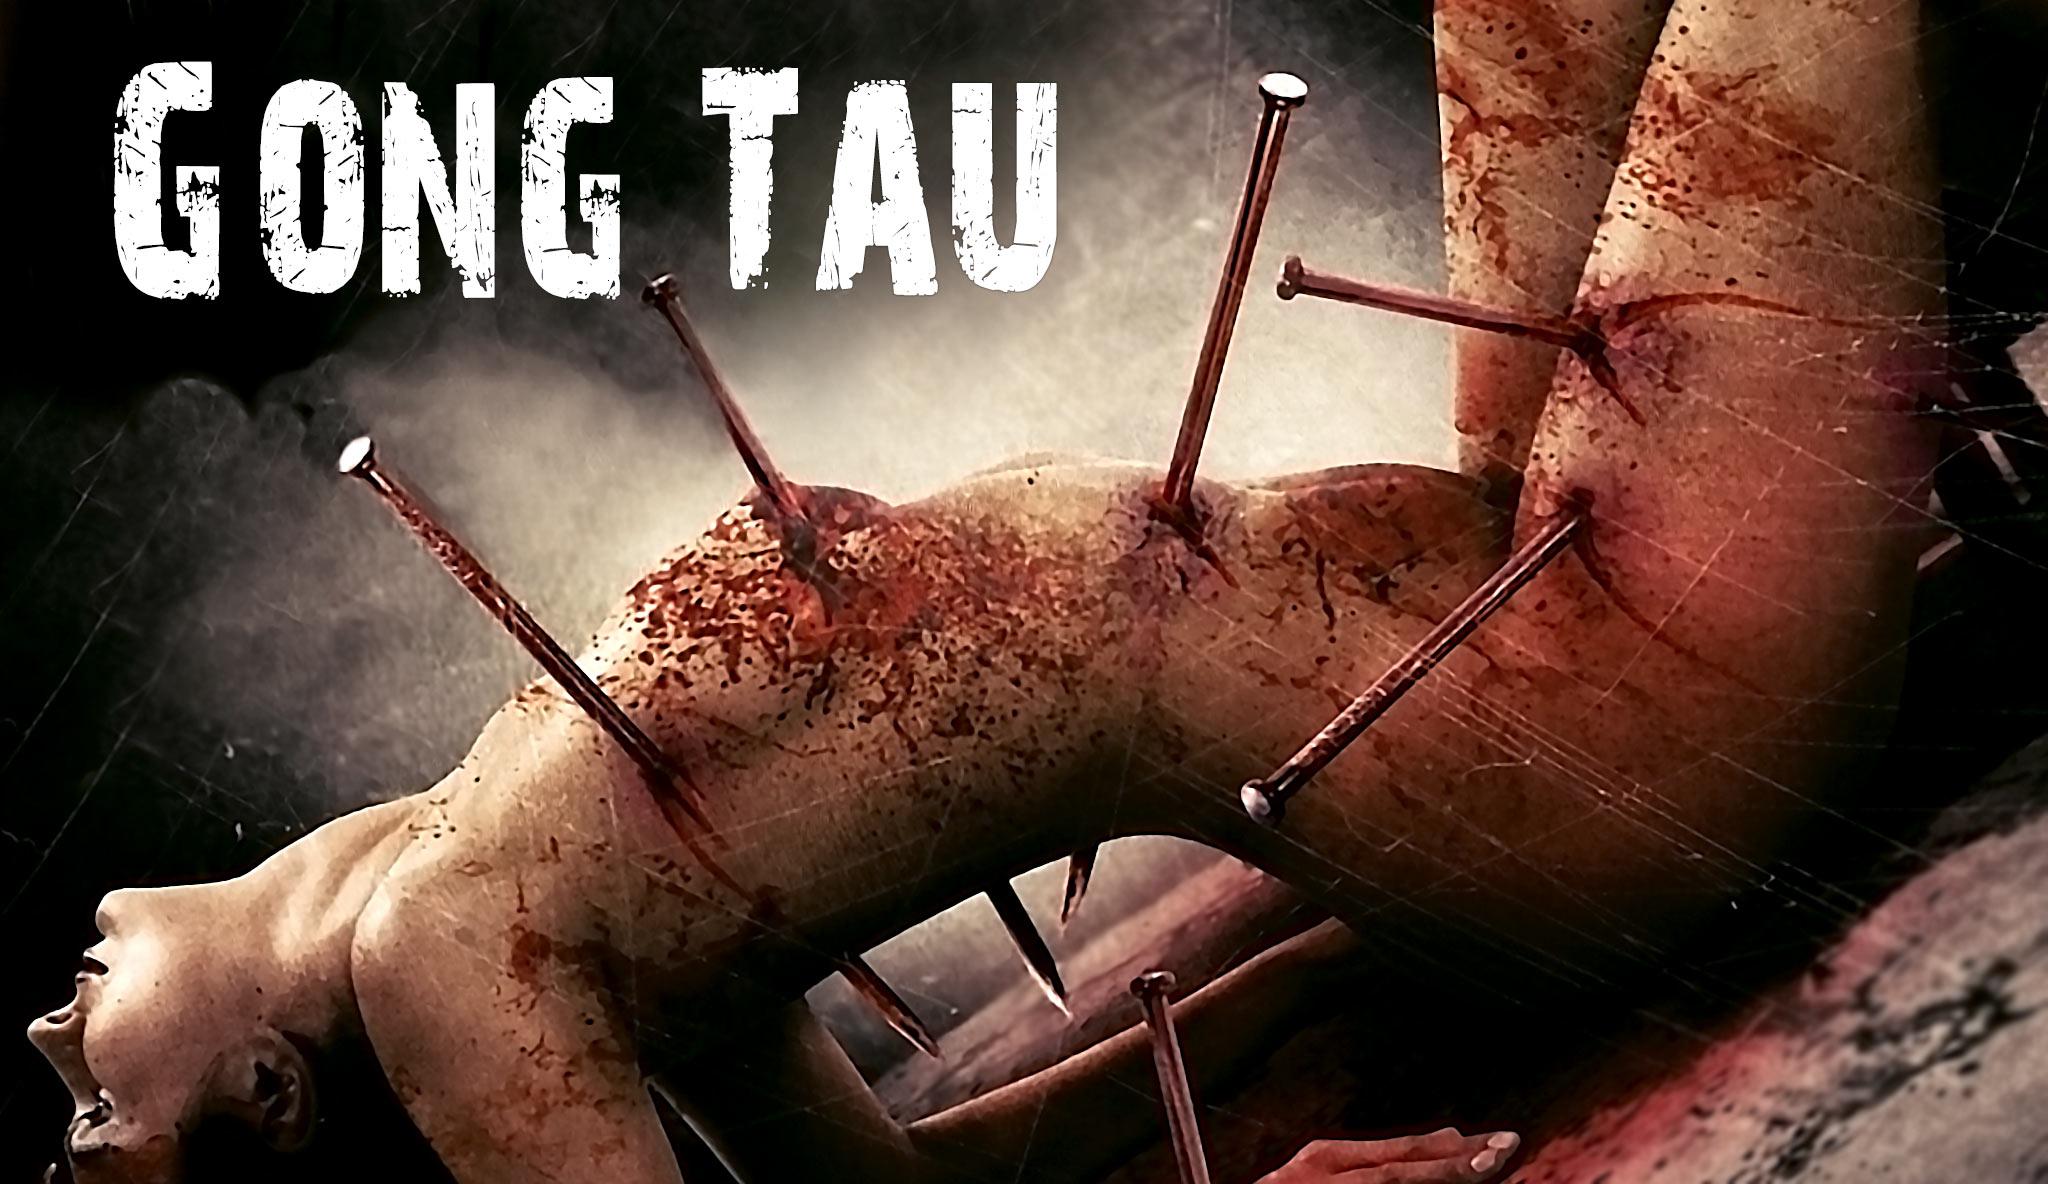 gong-tau-an-oriental-black-magic\header.jpg